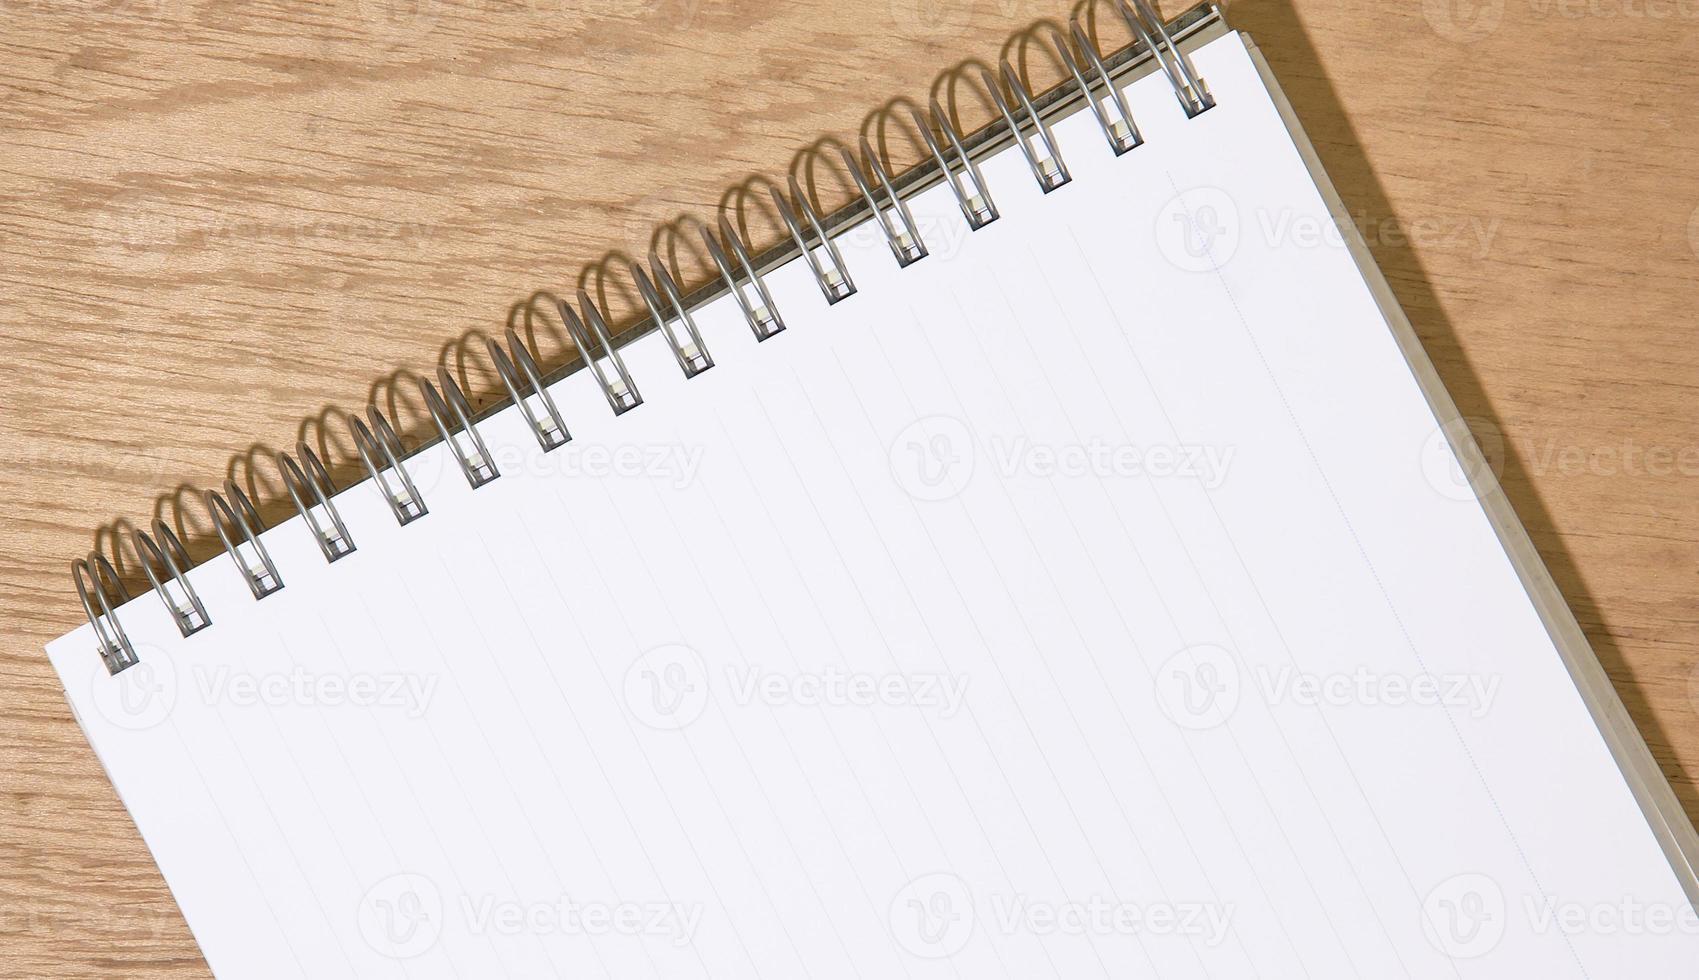 cuaderno abierto foto